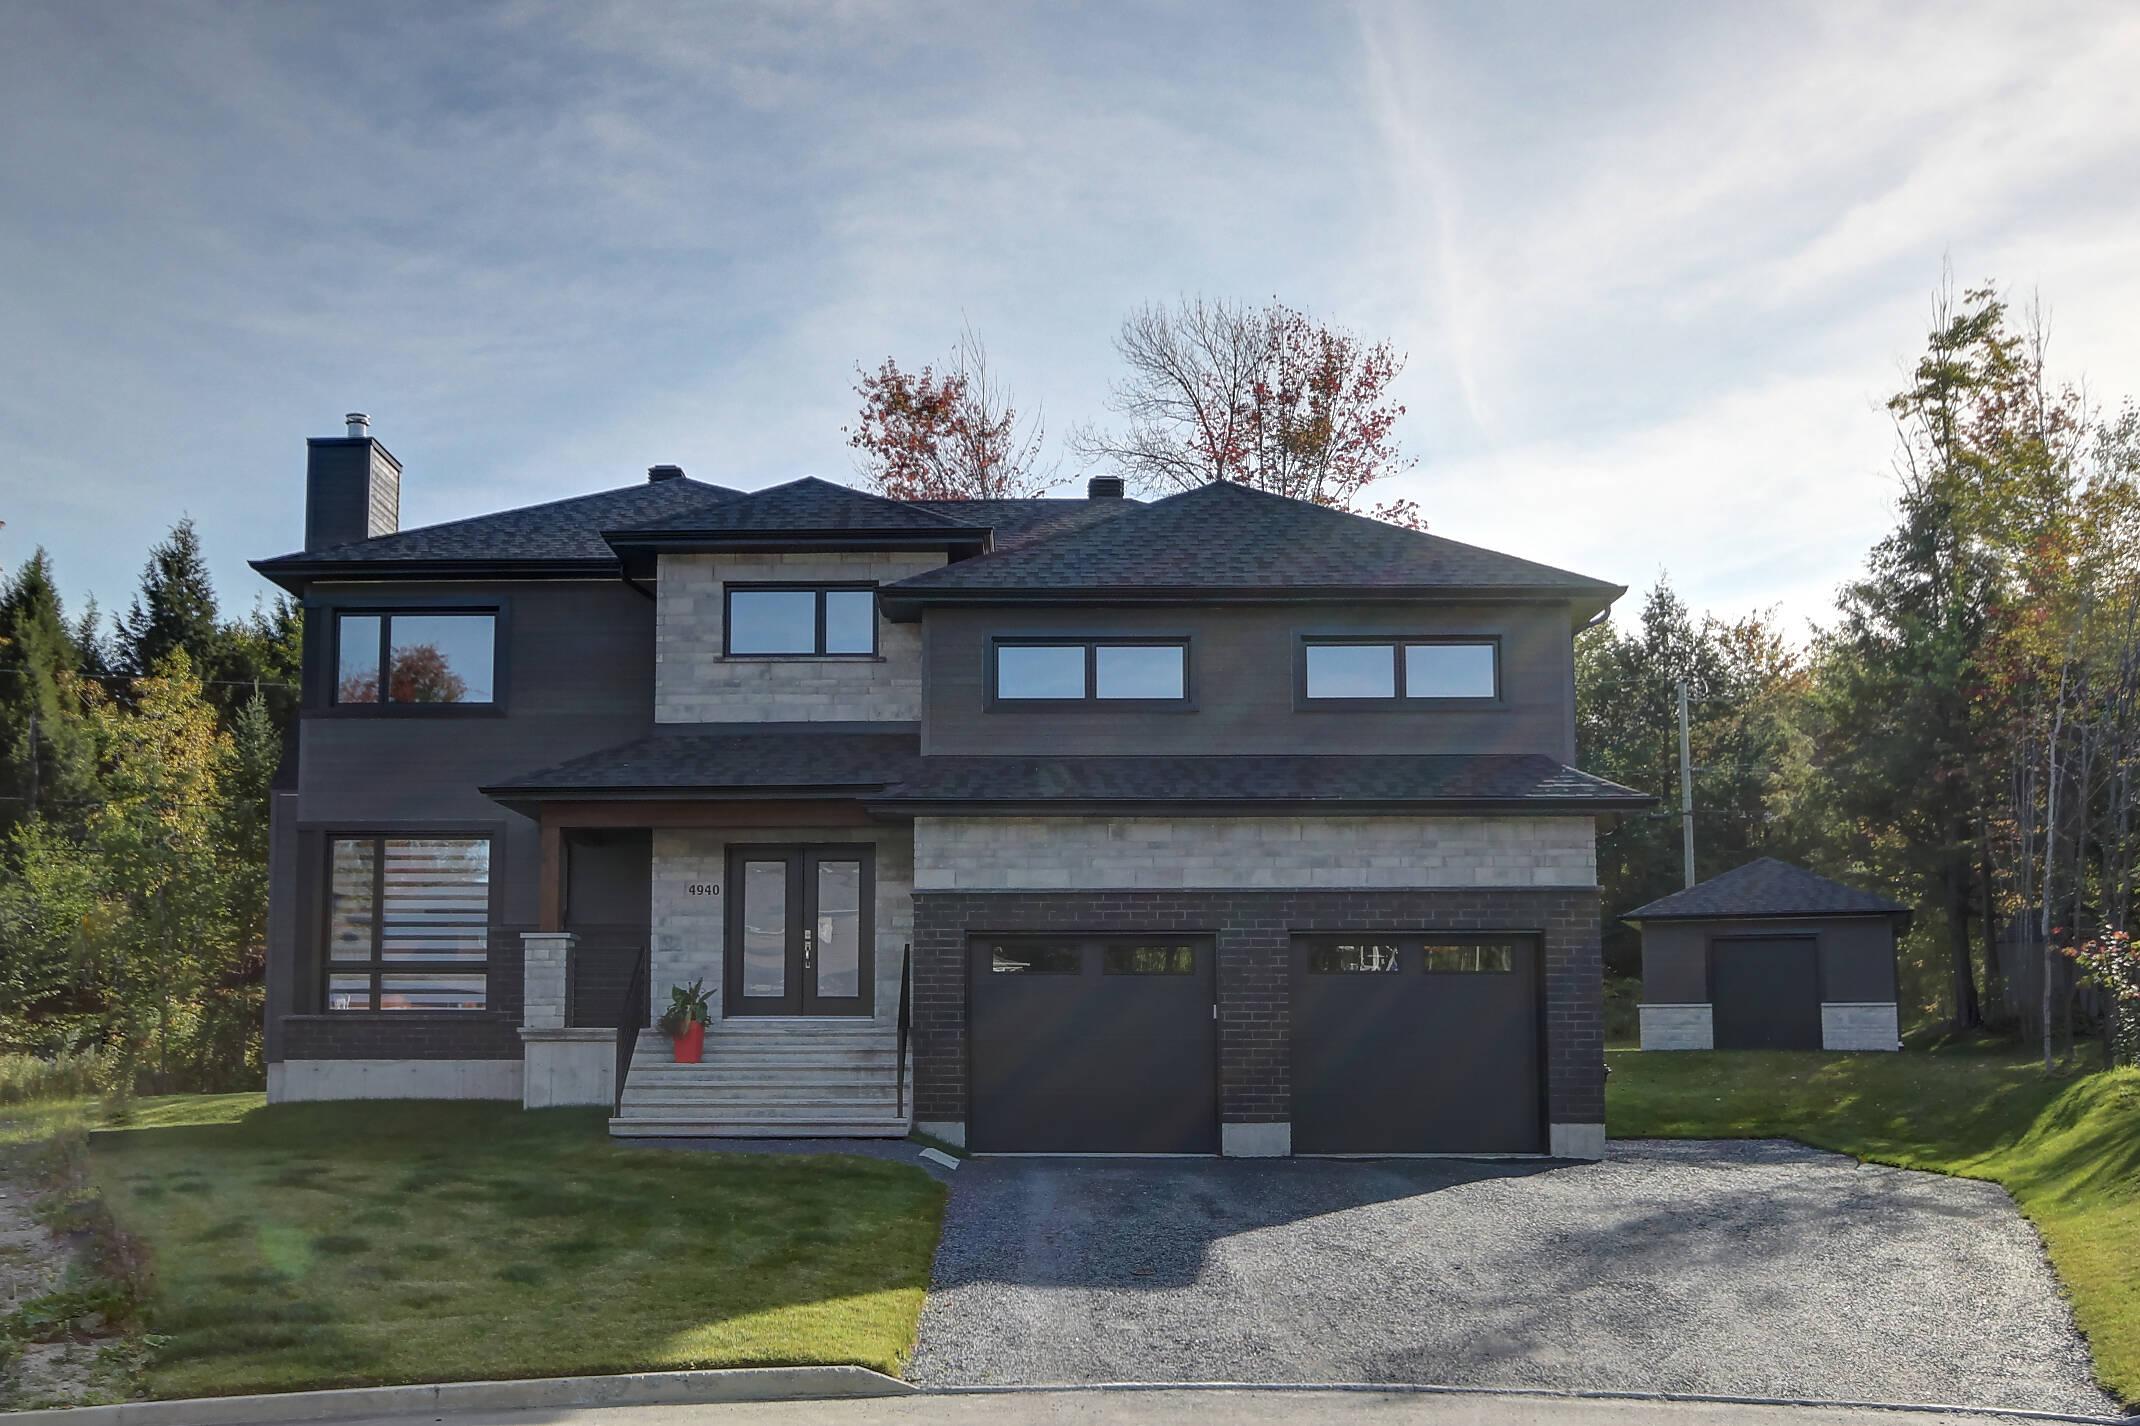 Maison neuve luxe et prestige à Sherbrooke | Les Entreprises Lachance